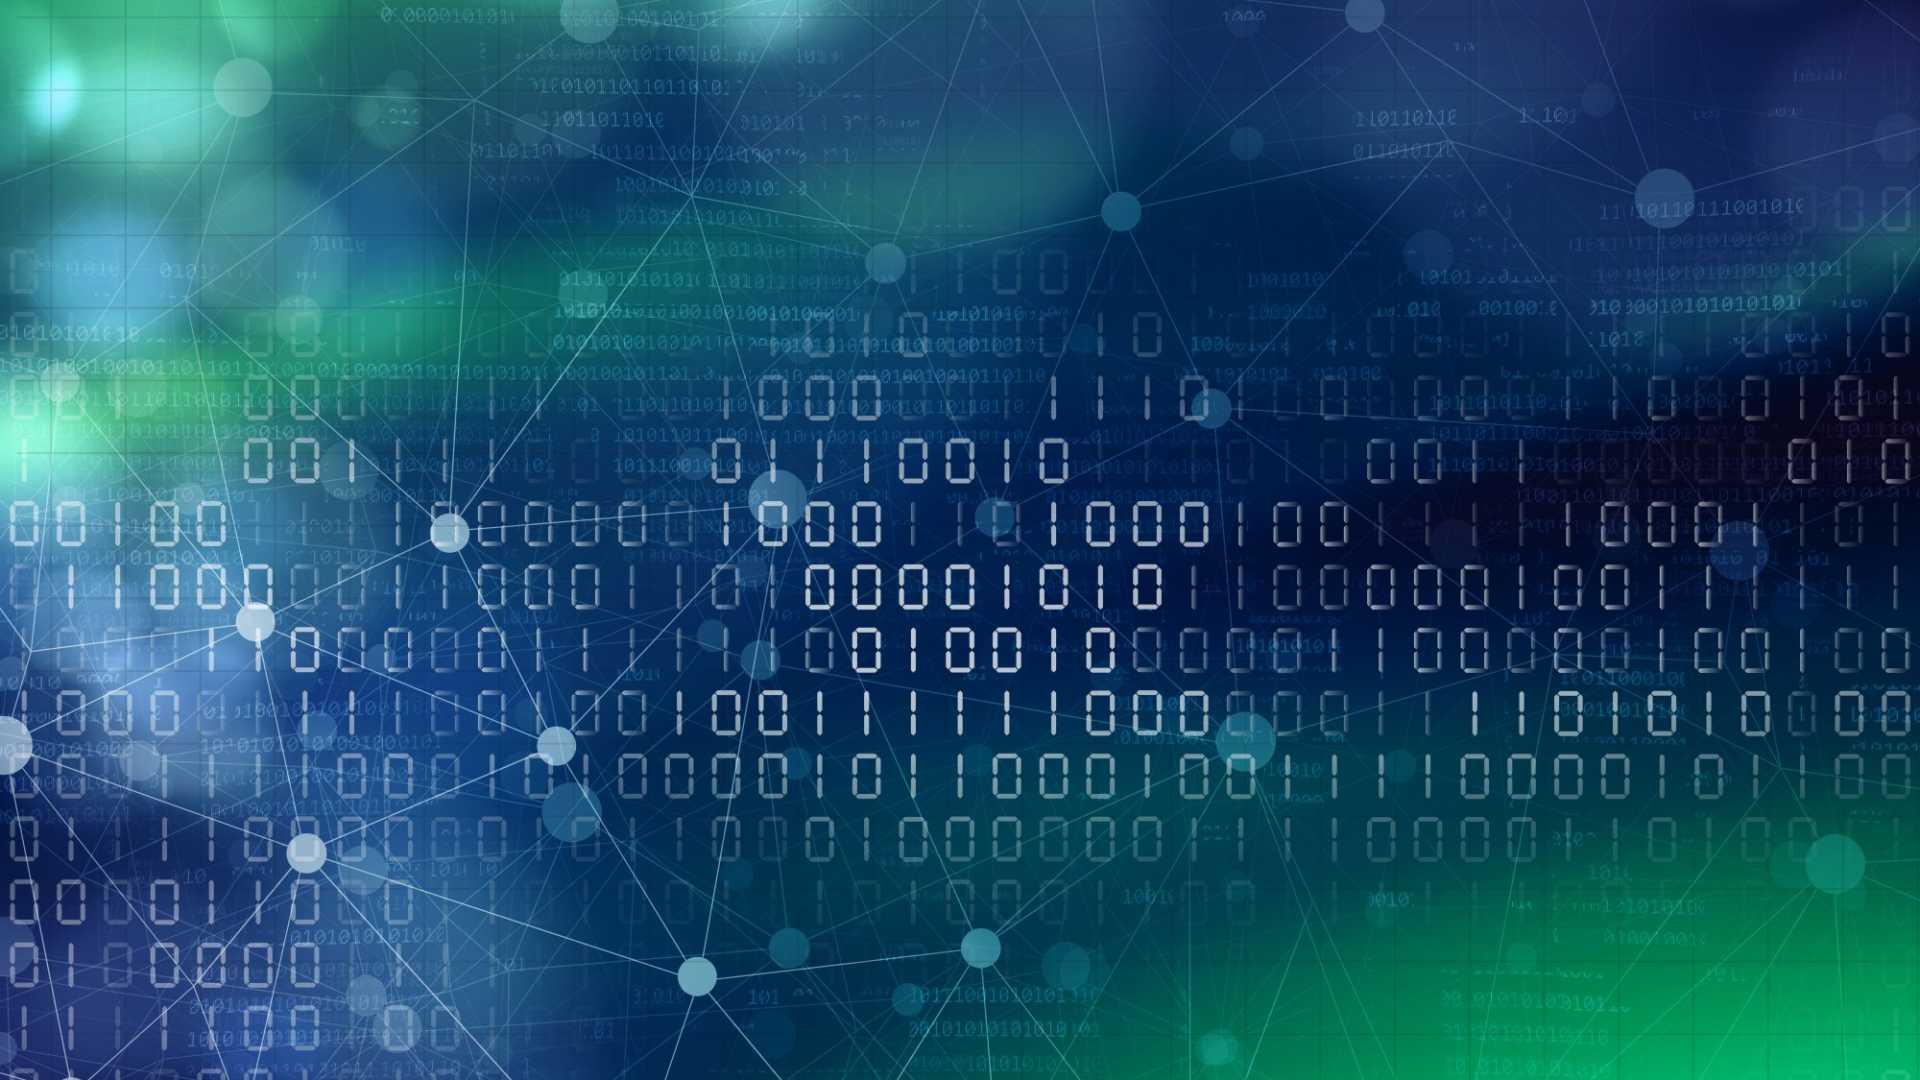 Локдаун, облака и digital-трансформация: что бизнесу ждать завтра | Kyivstar Business Hub изображение №1